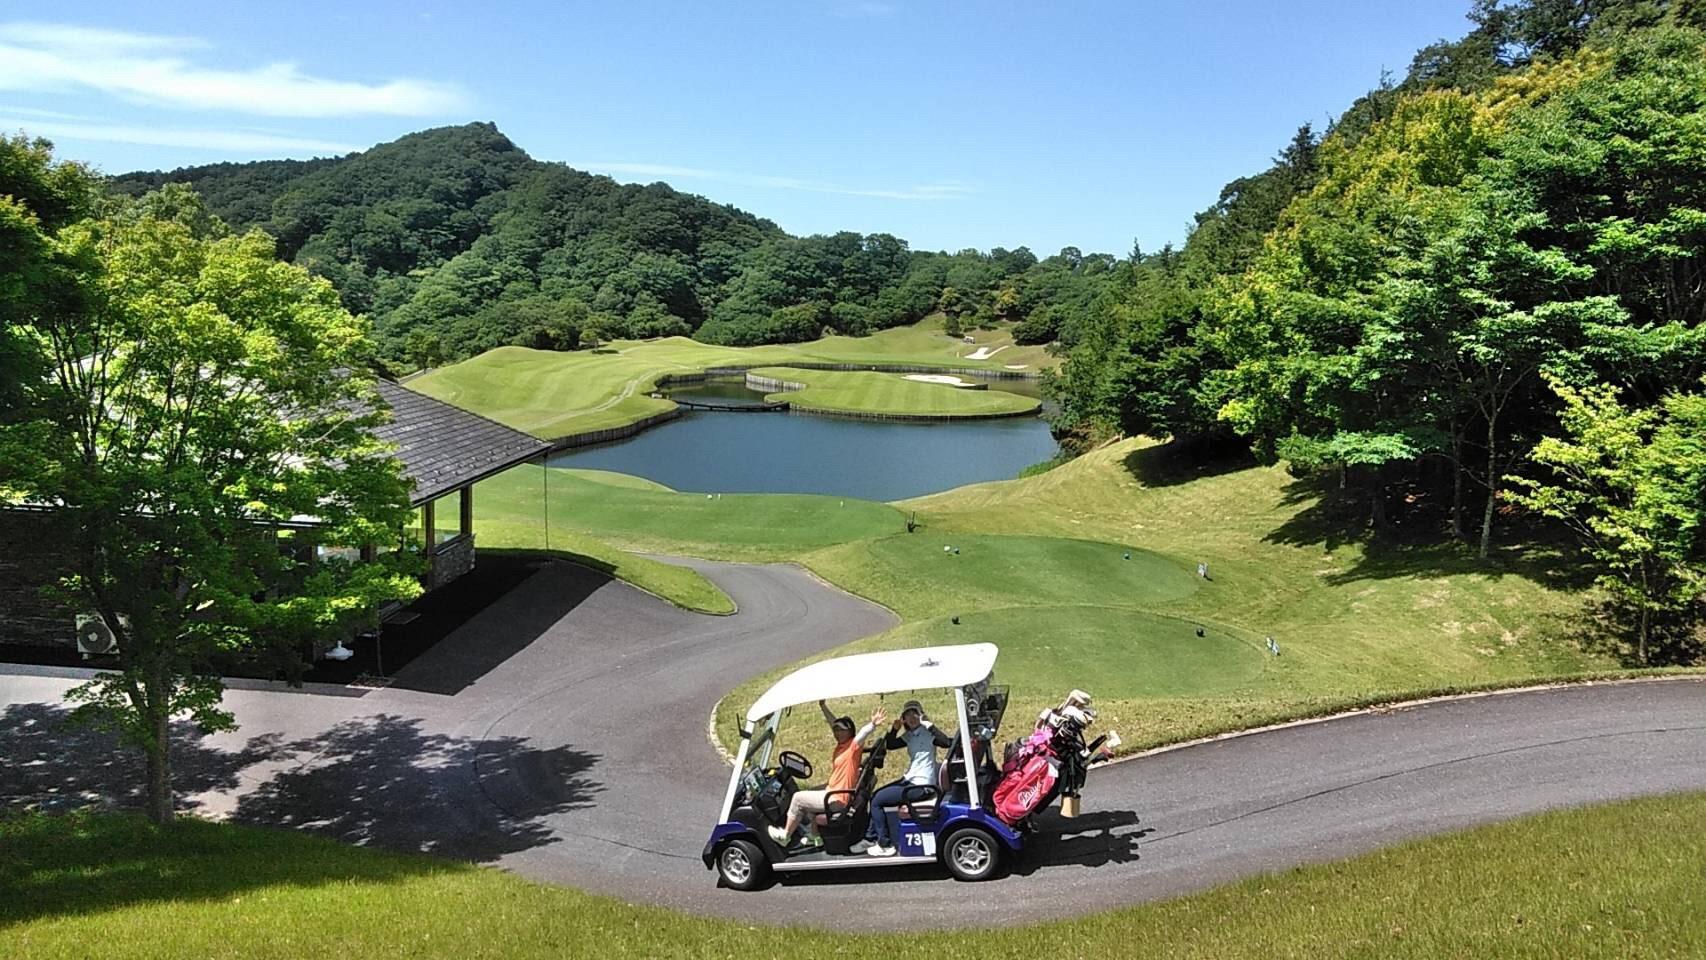 弊社主催の女子ゴルフ研修会も行っております!参加者募集中!